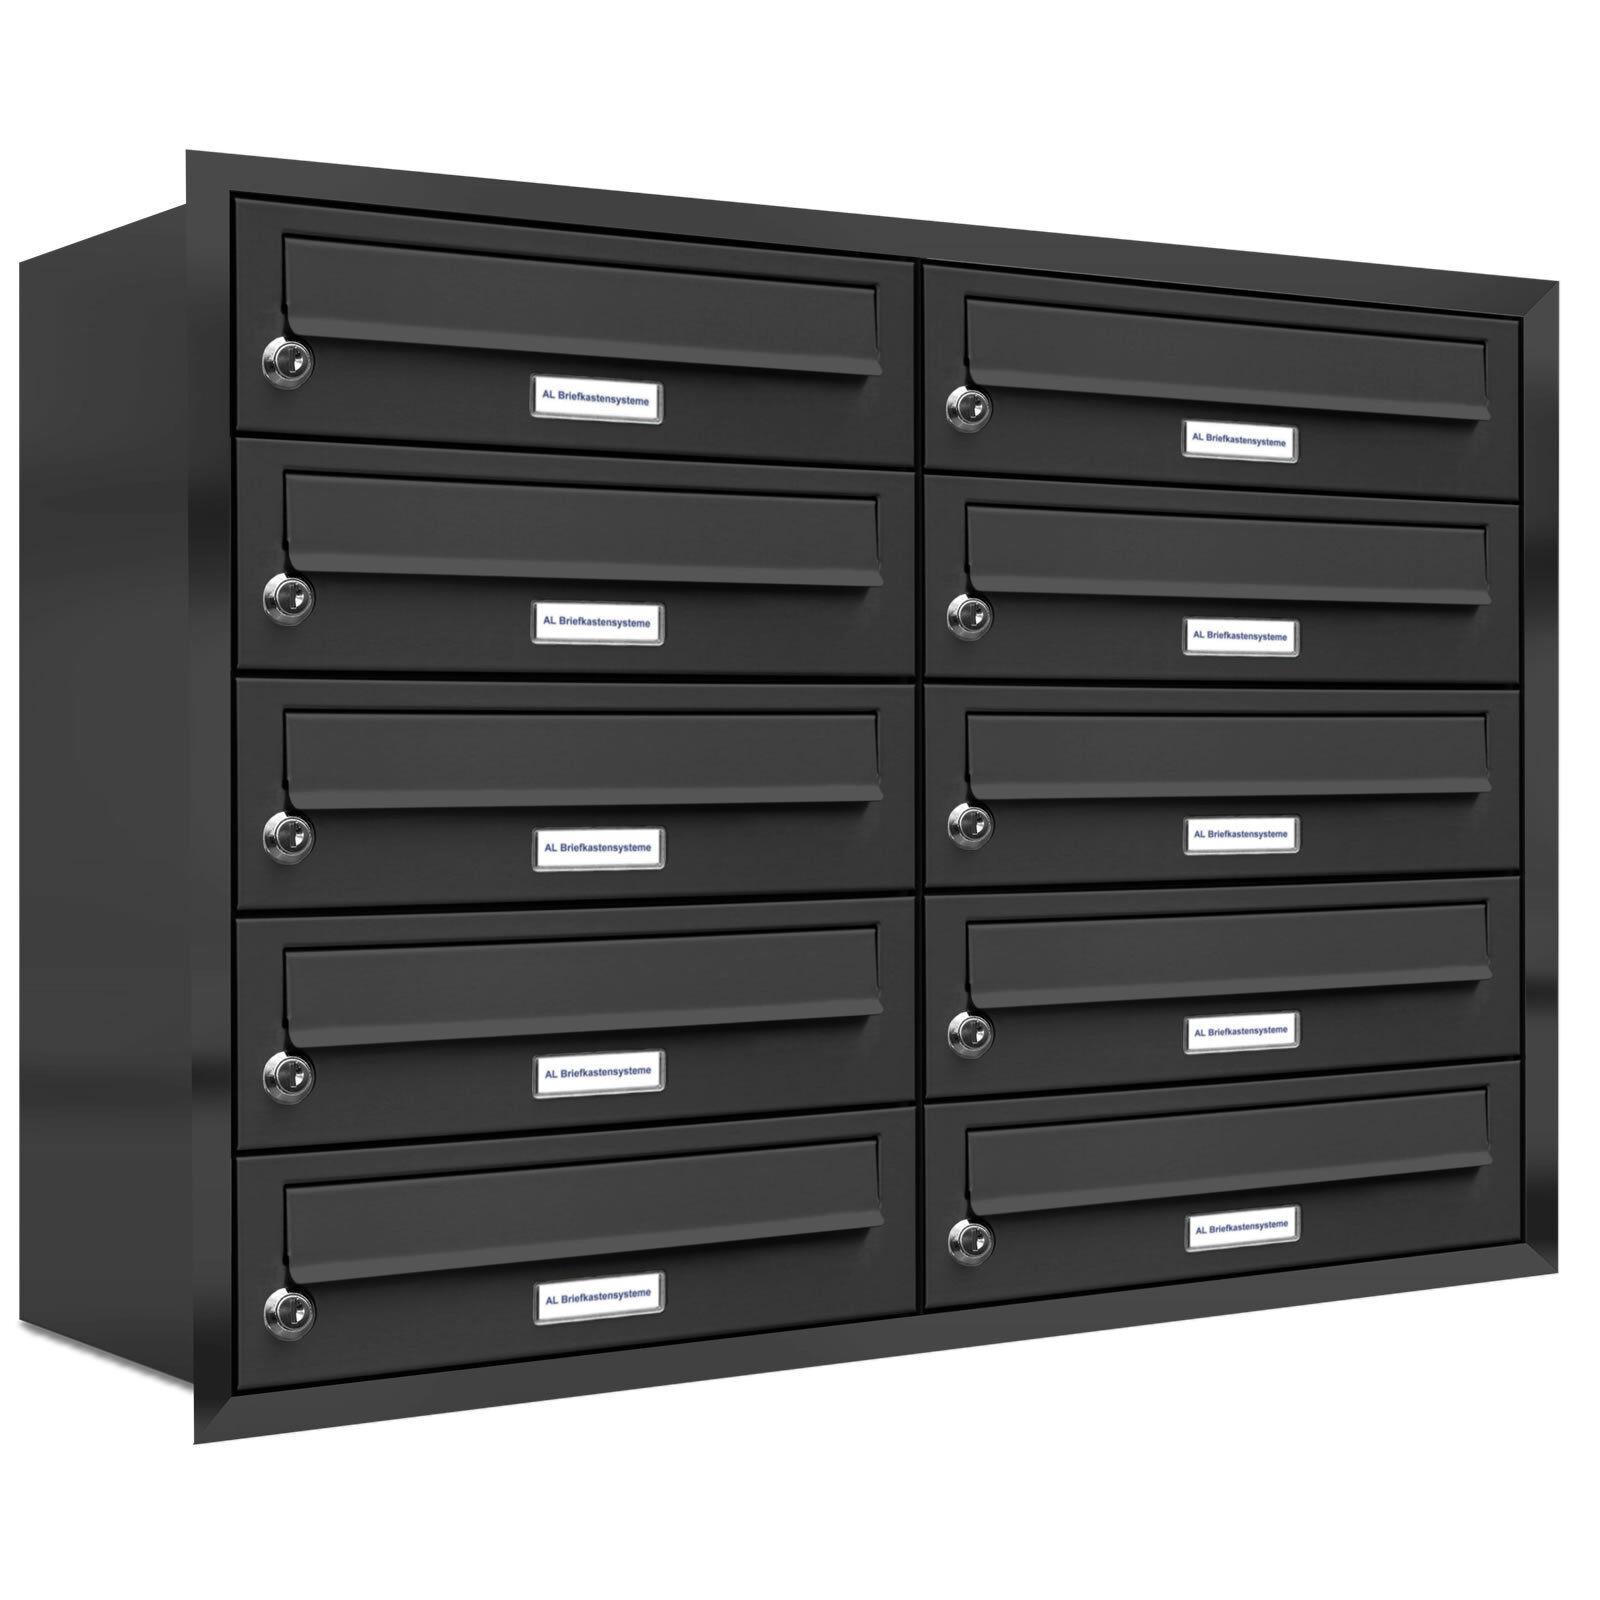 10 er Premium Briefkasten Anthrazit RAL 7016 10 Fach Unterputz Anlage Postkasten